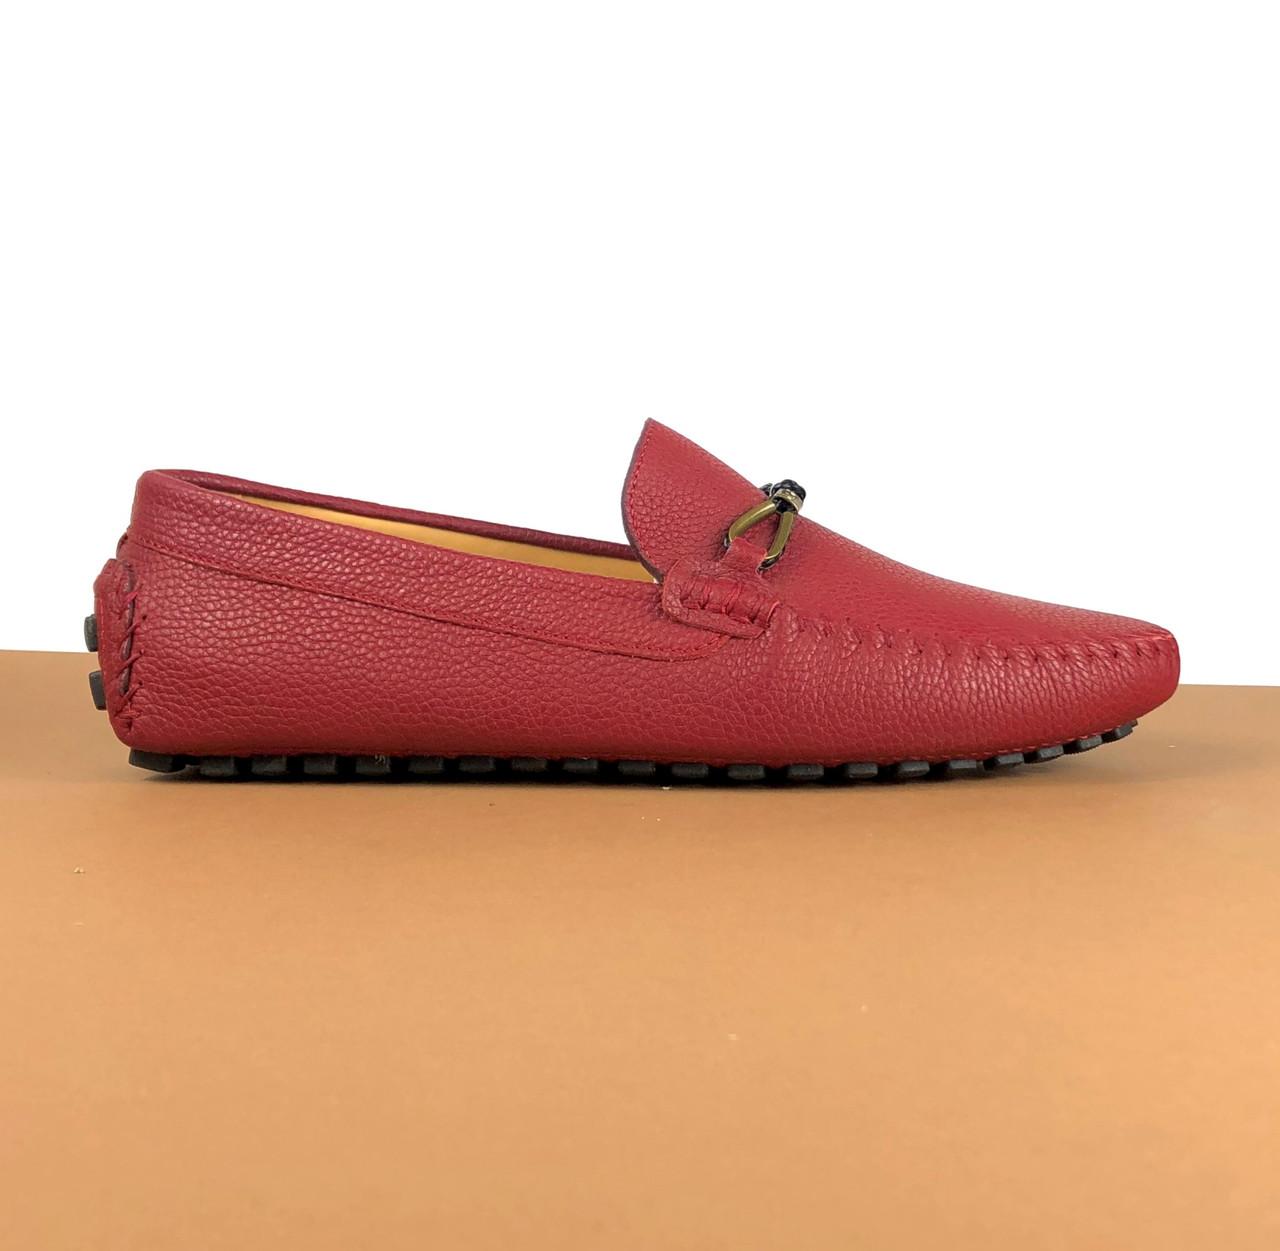 Мужские мокасины Louis Vuitton бордо (Луи Виттон) арт. 39-23